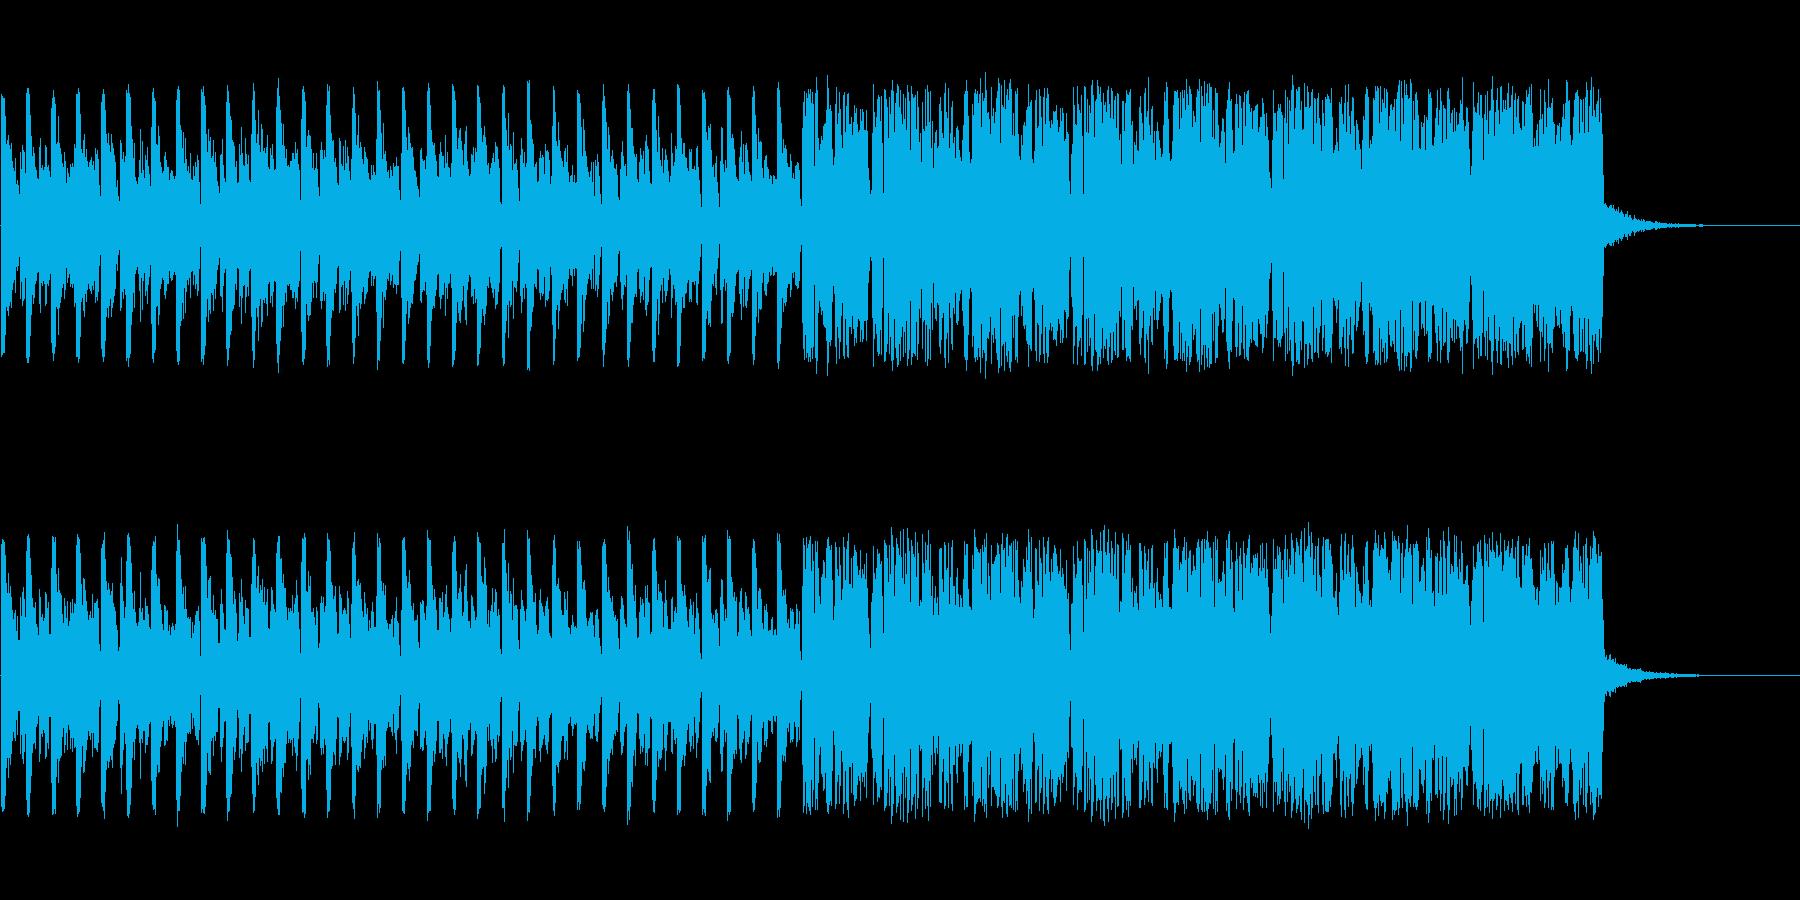 CM等で使われる事を想定した短いダンス曲の再生済みの波形